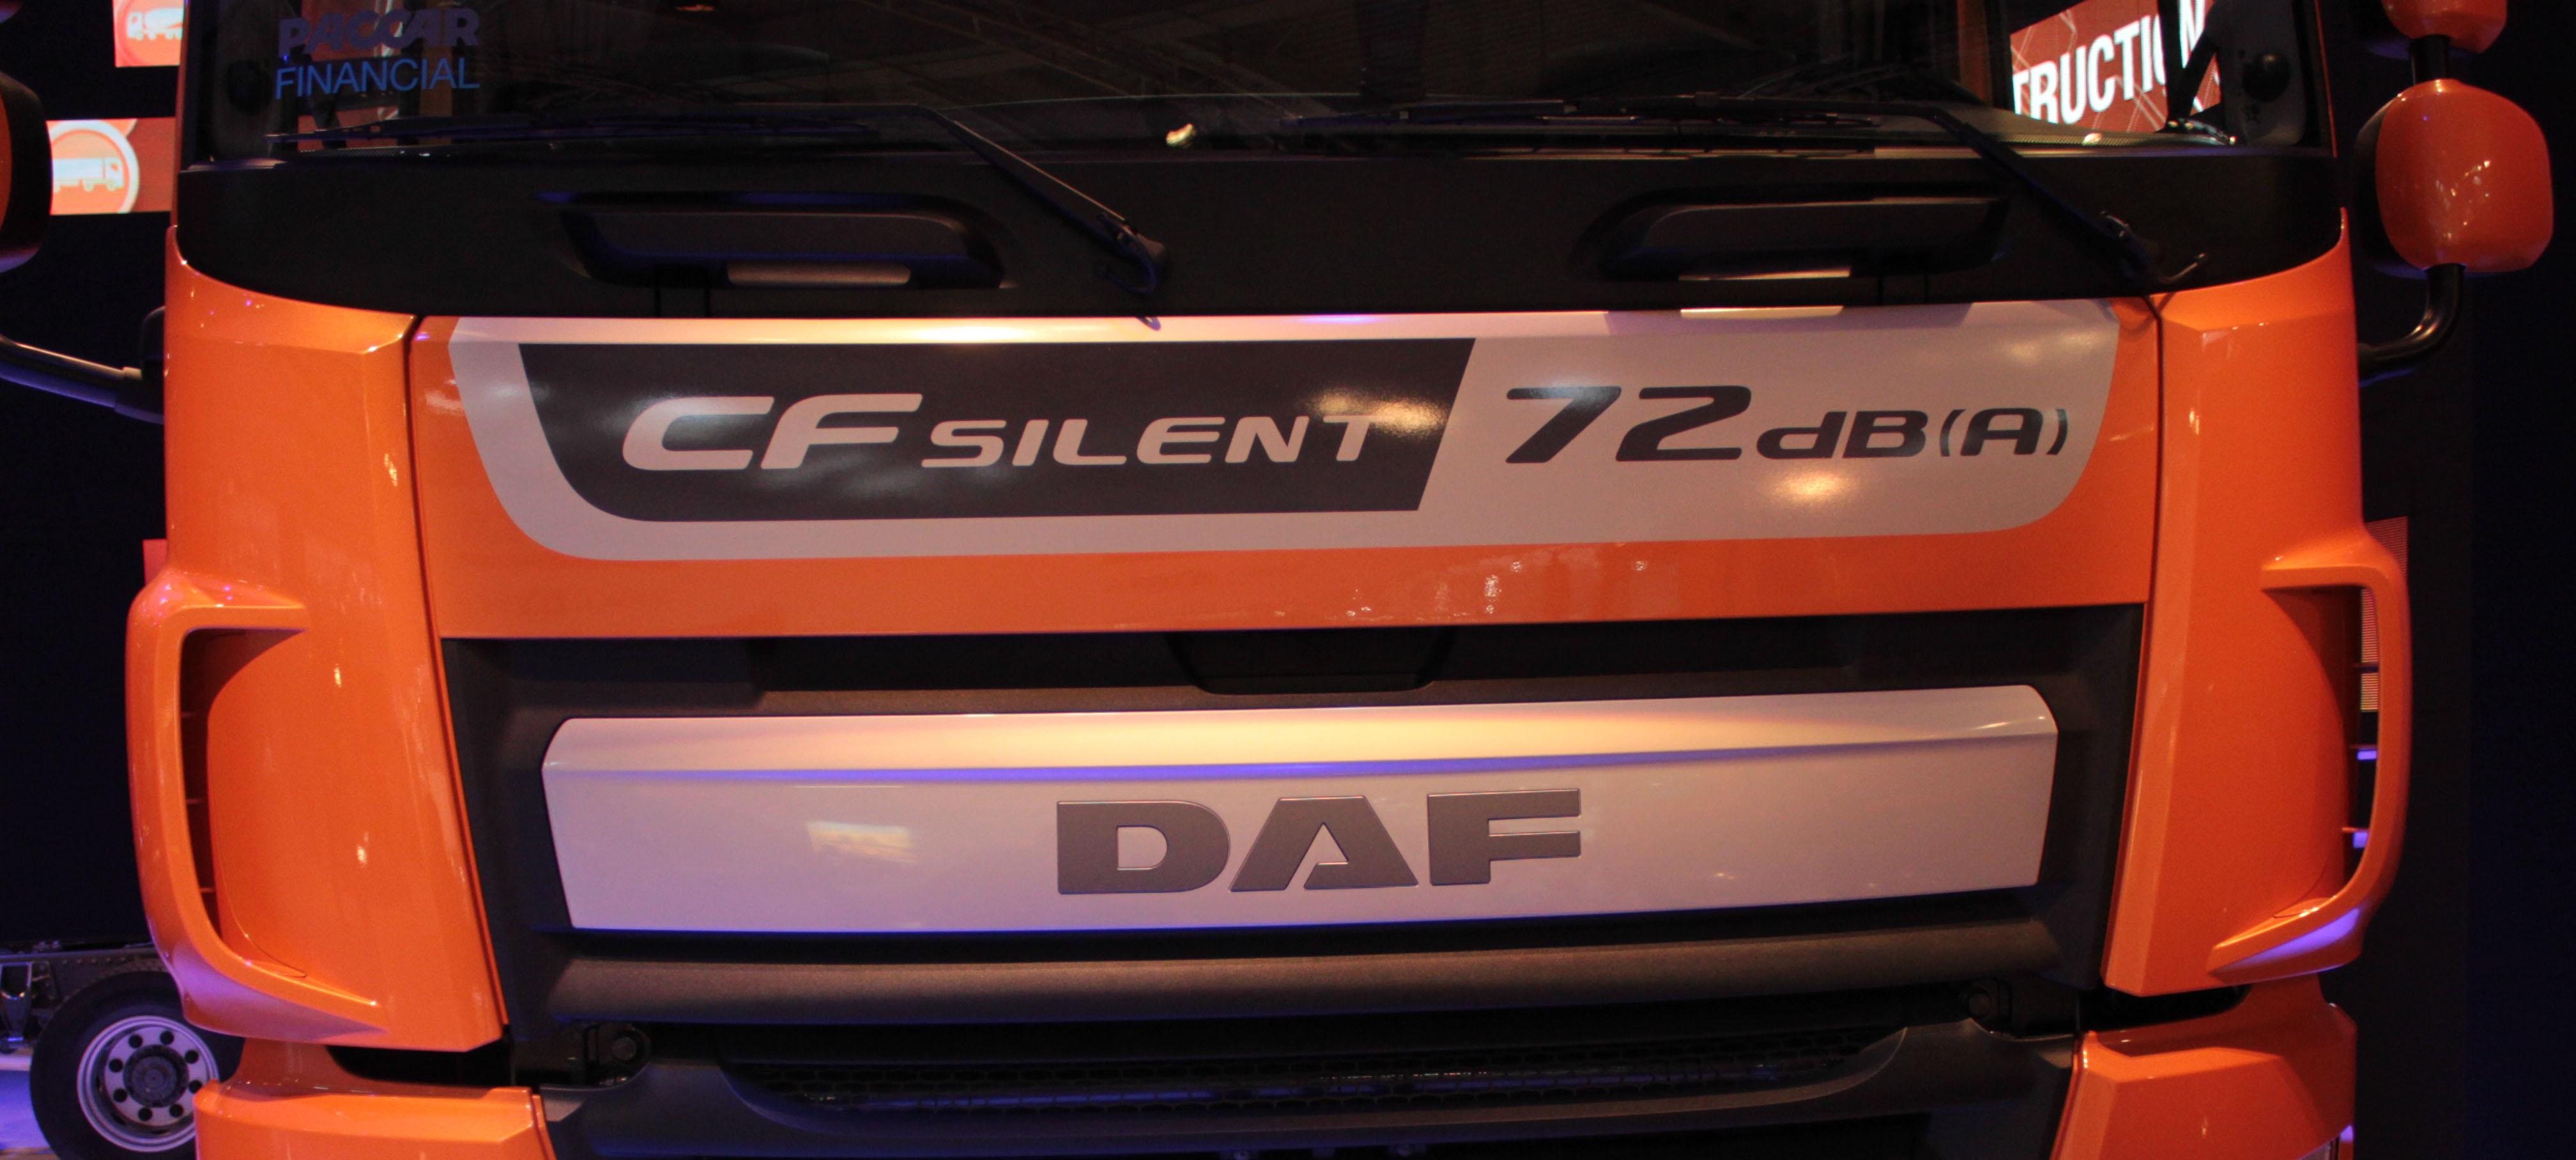 DAF 05